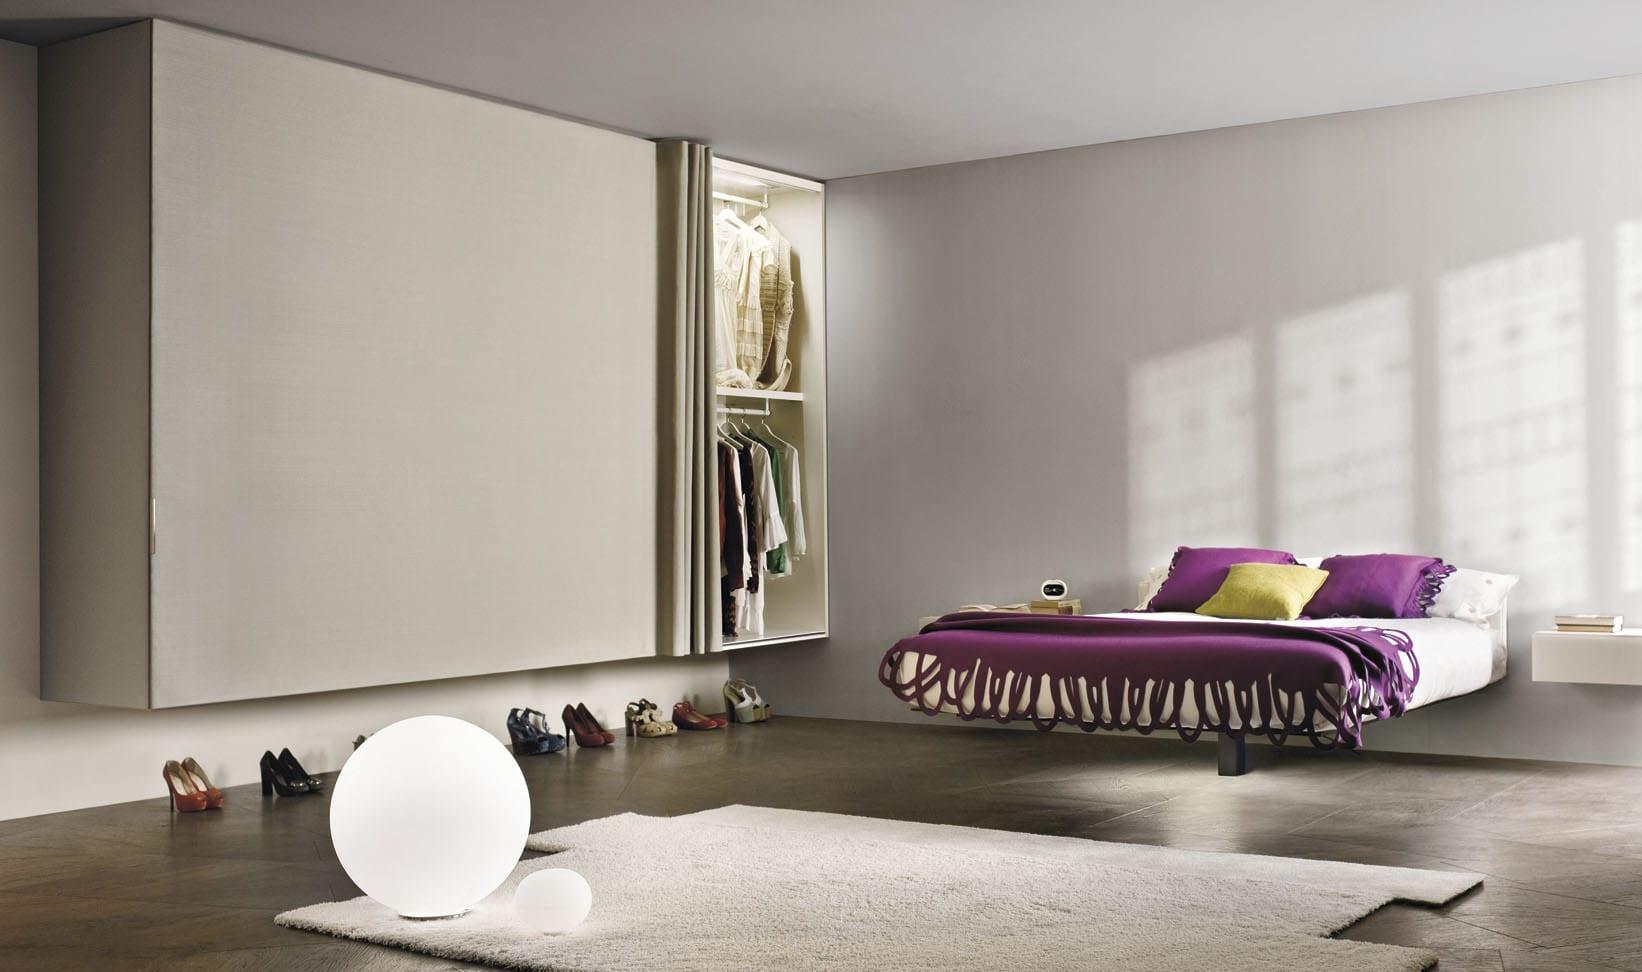 Schlafzimmer Ideen Minimalistisch | Schlafzimmer Minimalistisch